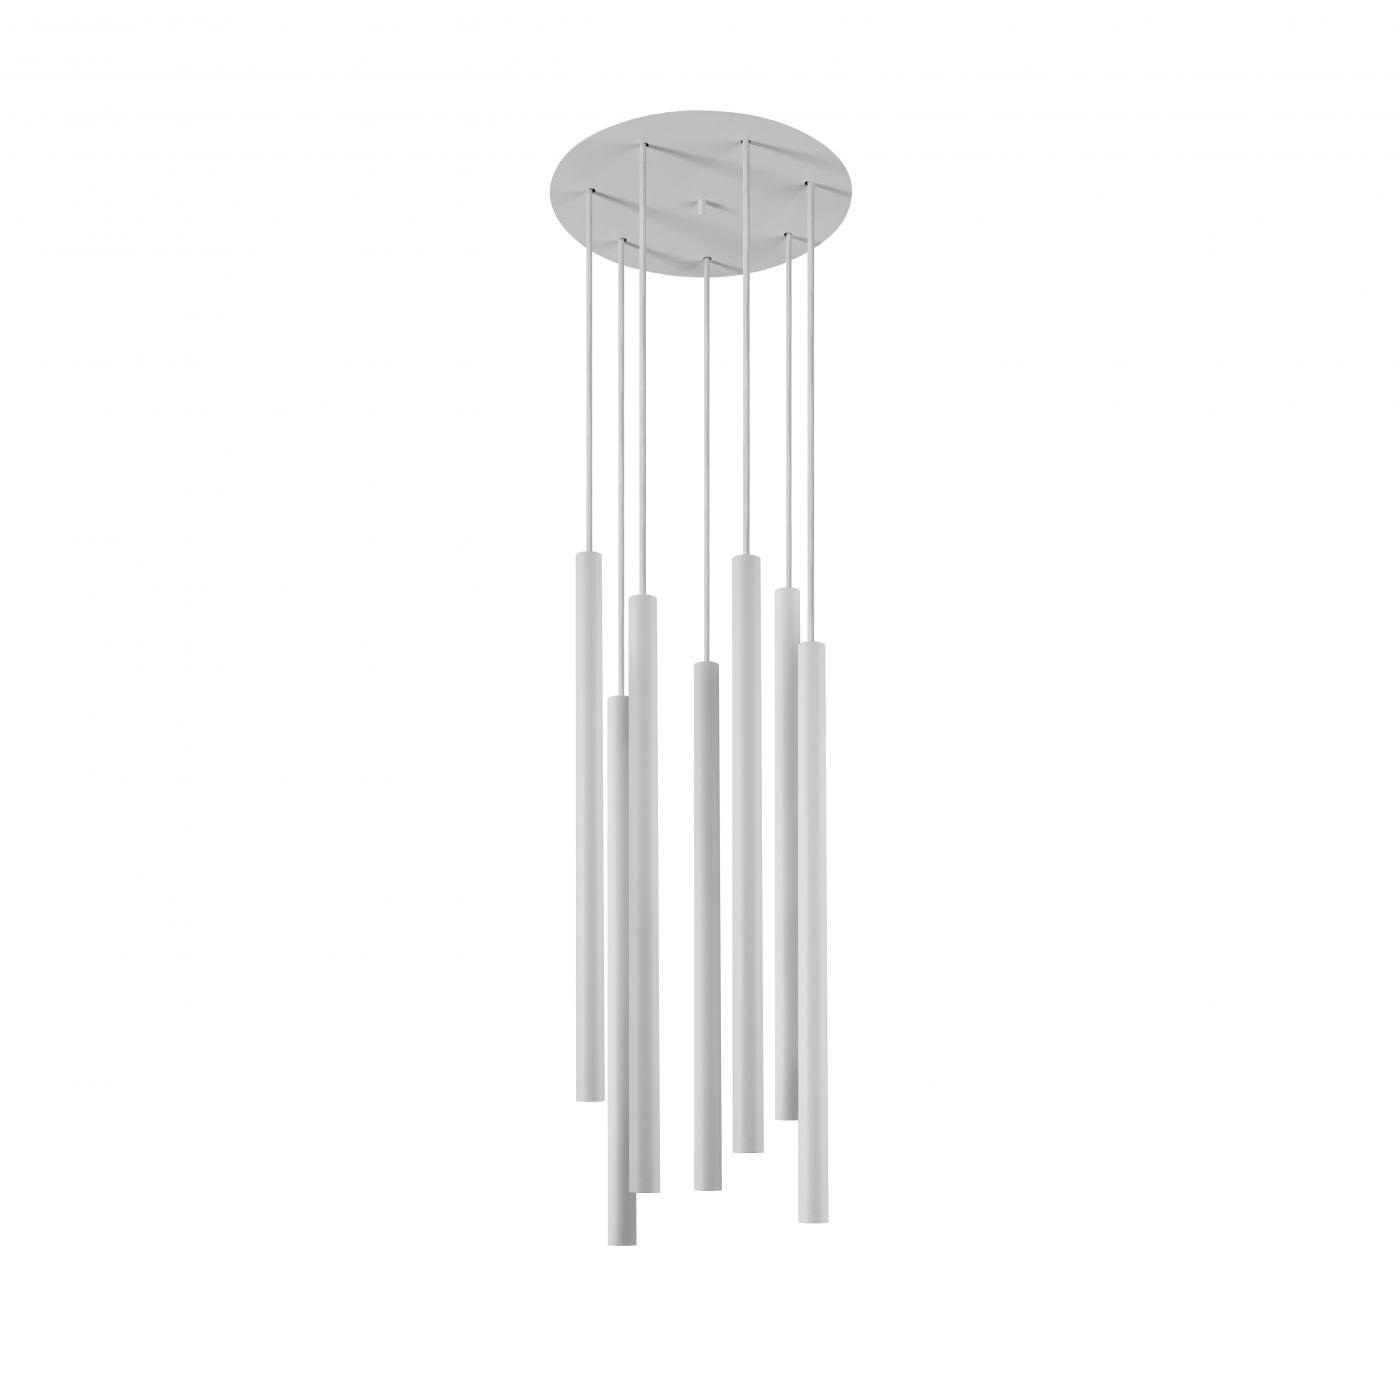 Żyrandol Laser 8918 Nowodvorski Lighting biała oprawa w nowoczesnym stylu